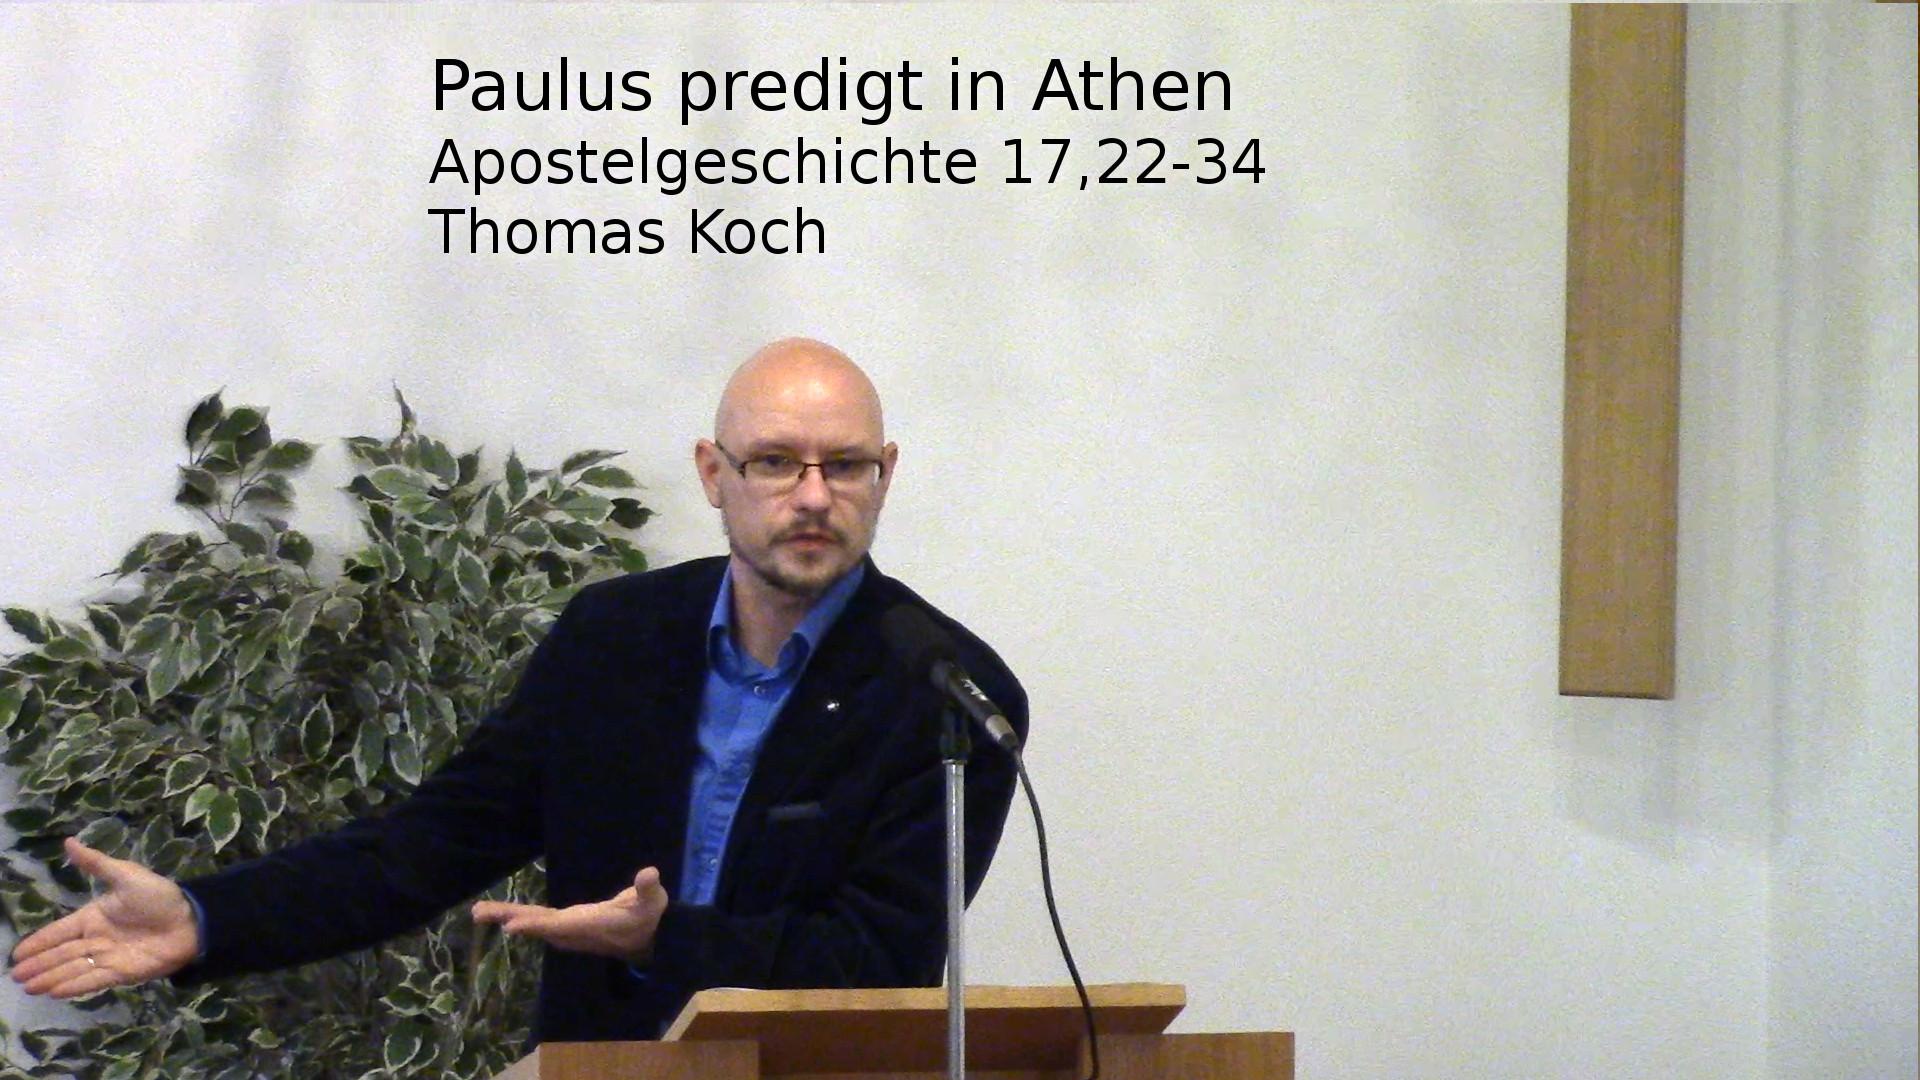 Apostelgeschichte 17:22-34 – Paulus predigt in Athen